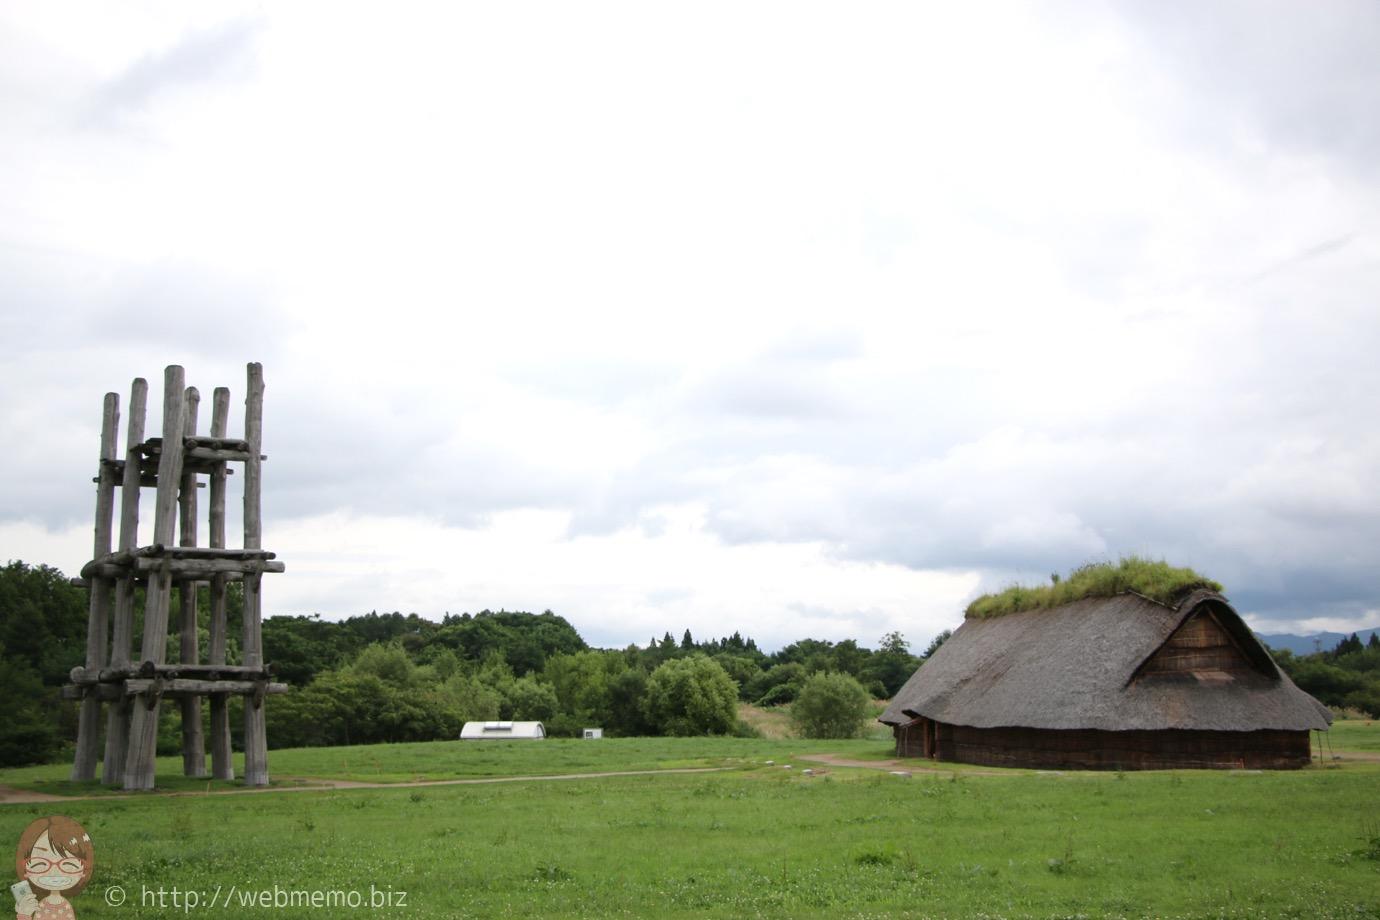 青森県「三内丸山遺跡」行ったら無料ガイドが絶対おすすめ!縄文の新たな見方に感動